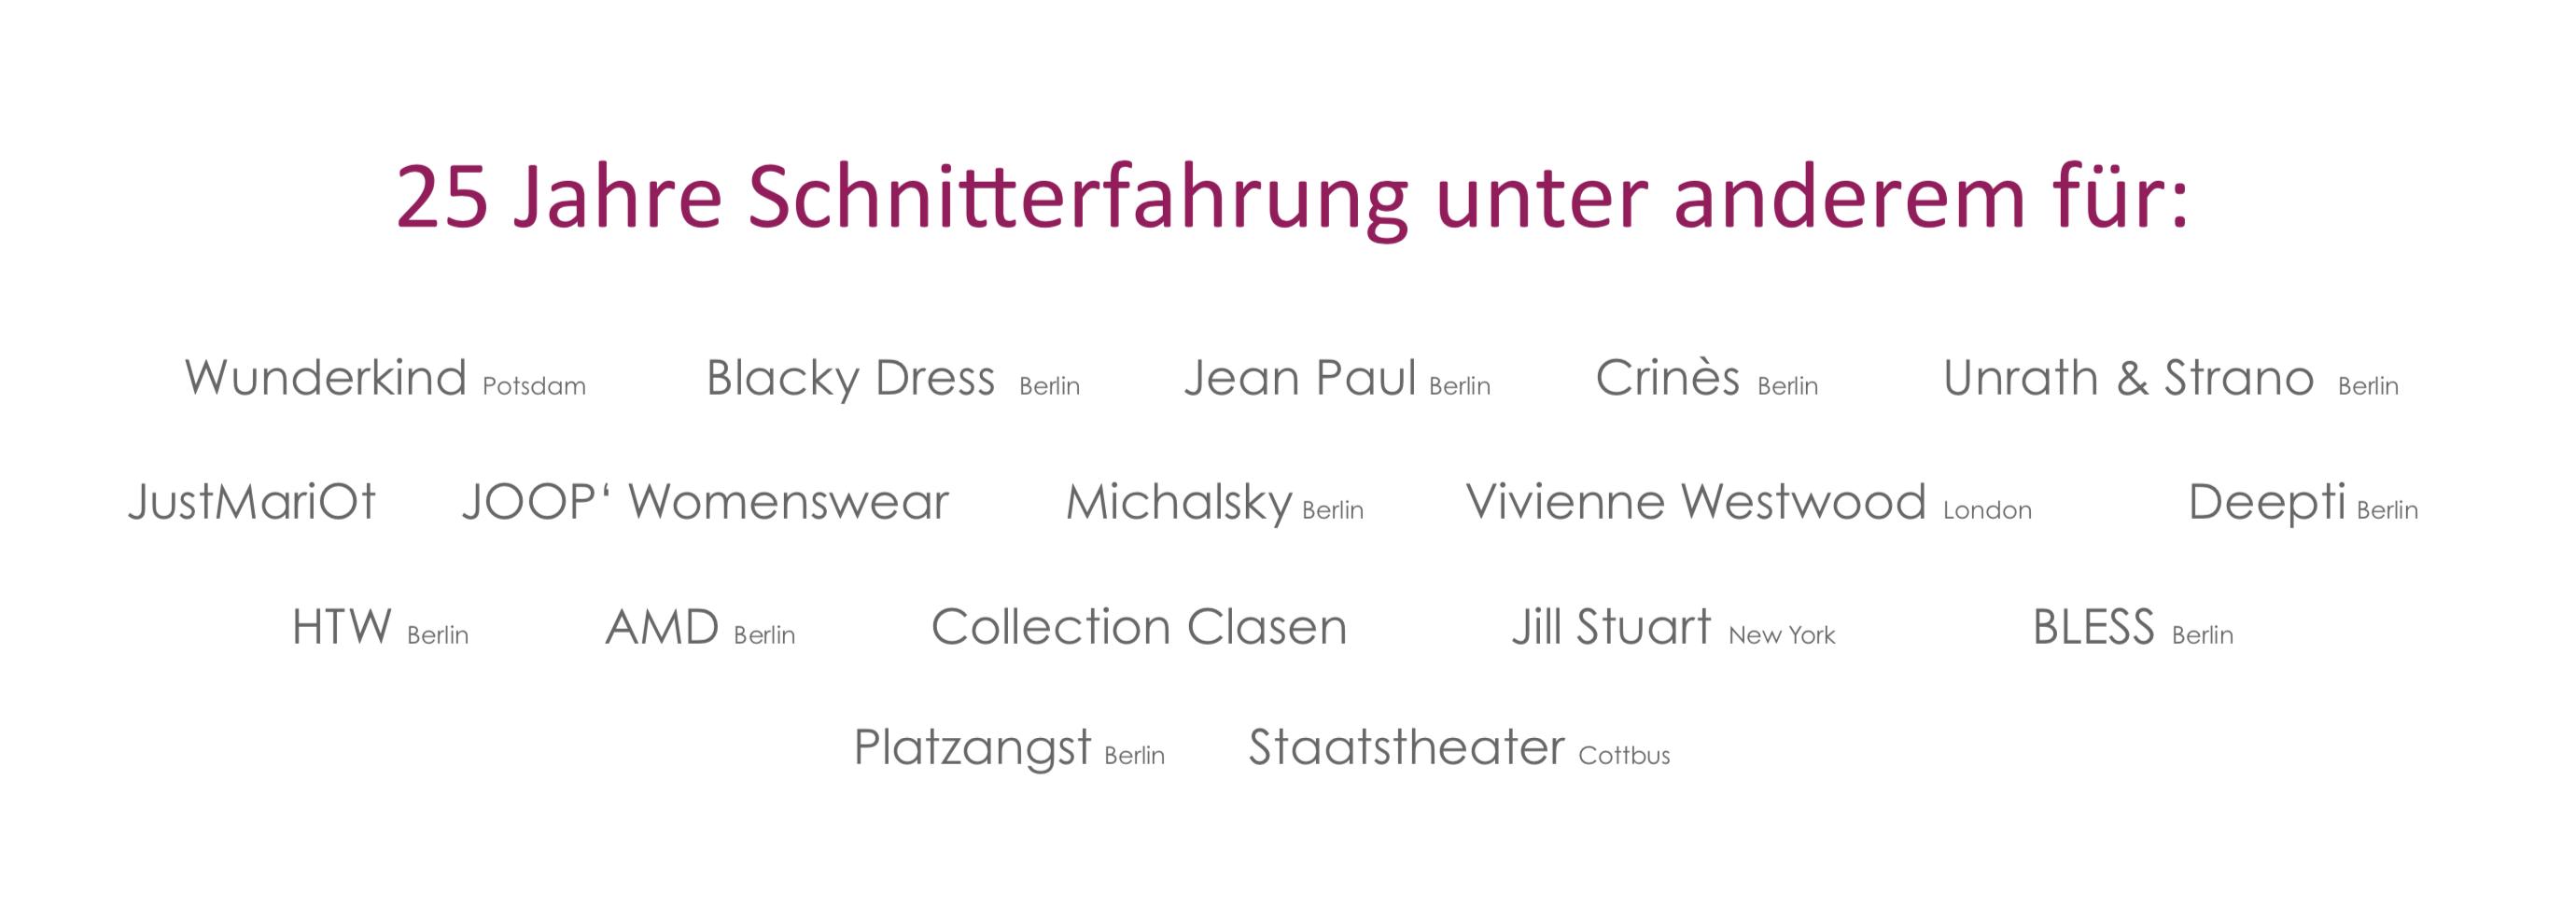 Schnittstudio Berlin Referenzen